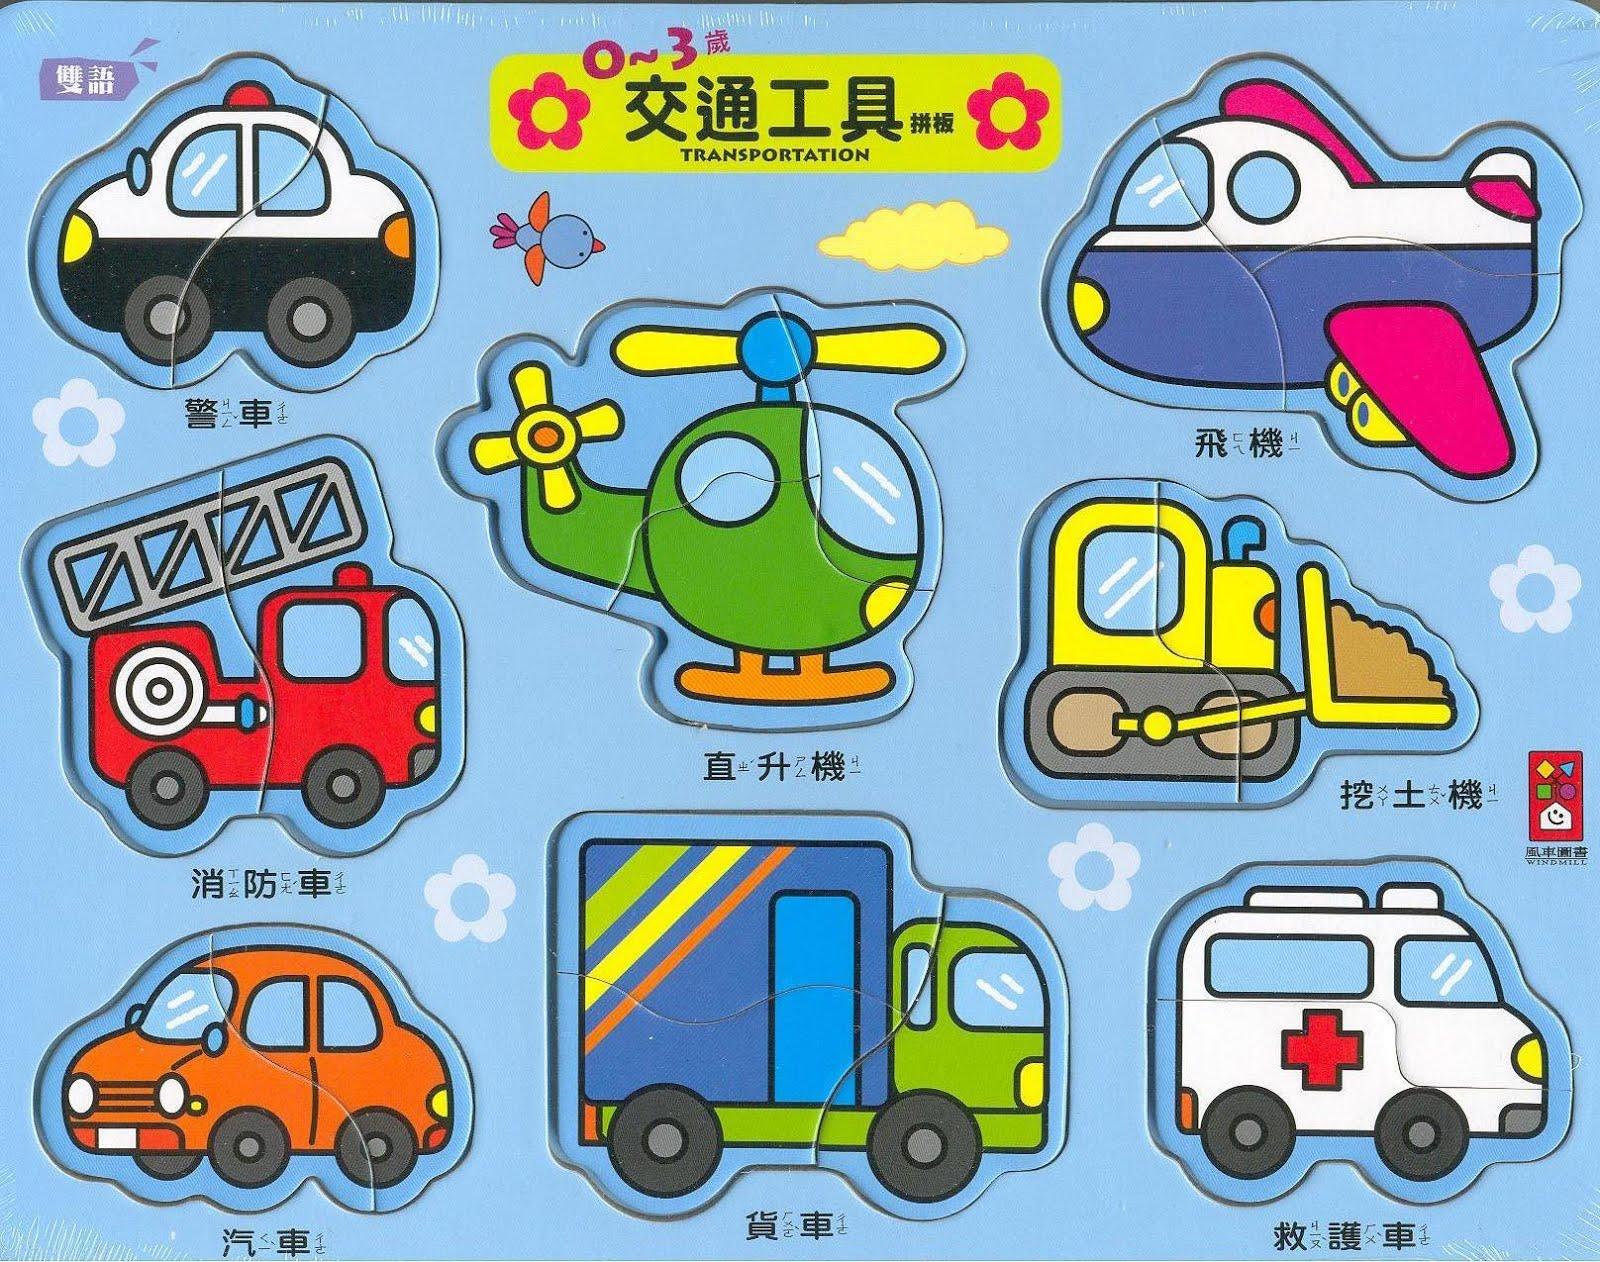 จีนเพลิดเพลิน:交通工具(jiāotōng gōngjù) การเดินทาง:Learn Chinese By Poppy Yang